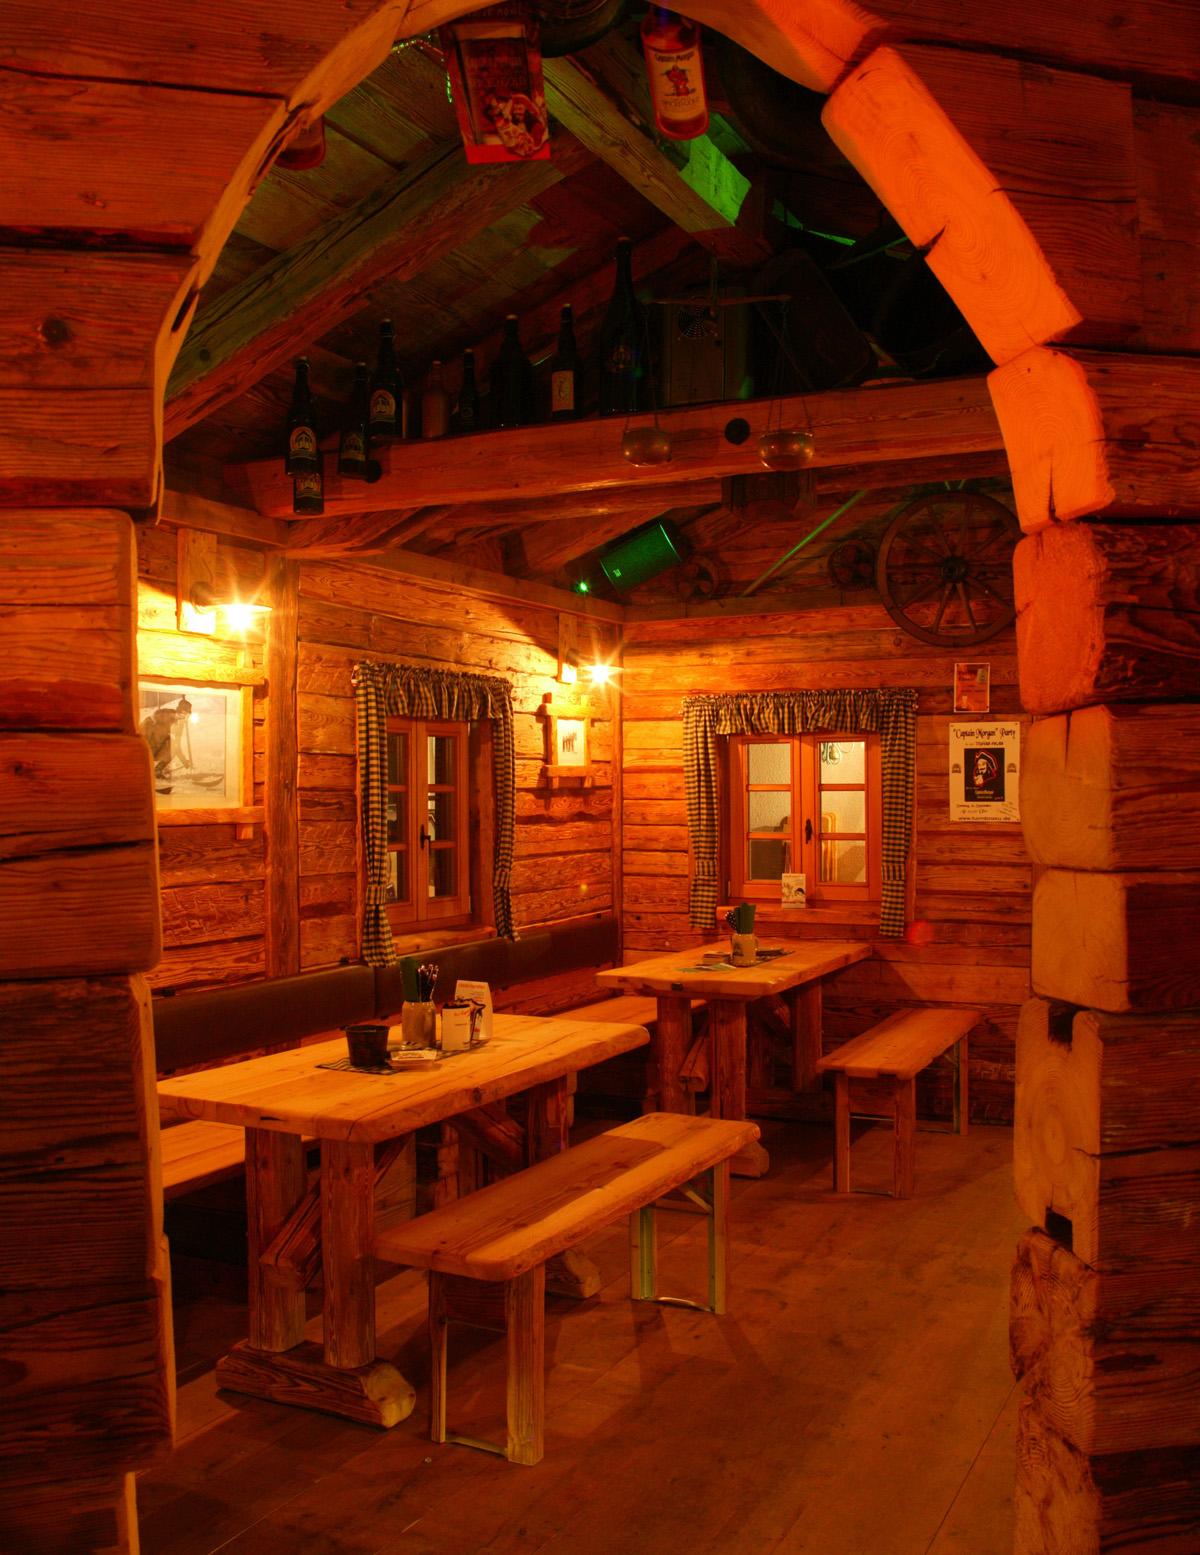 Turm-Alm Restaurant - Freudenstäder Turmbräu